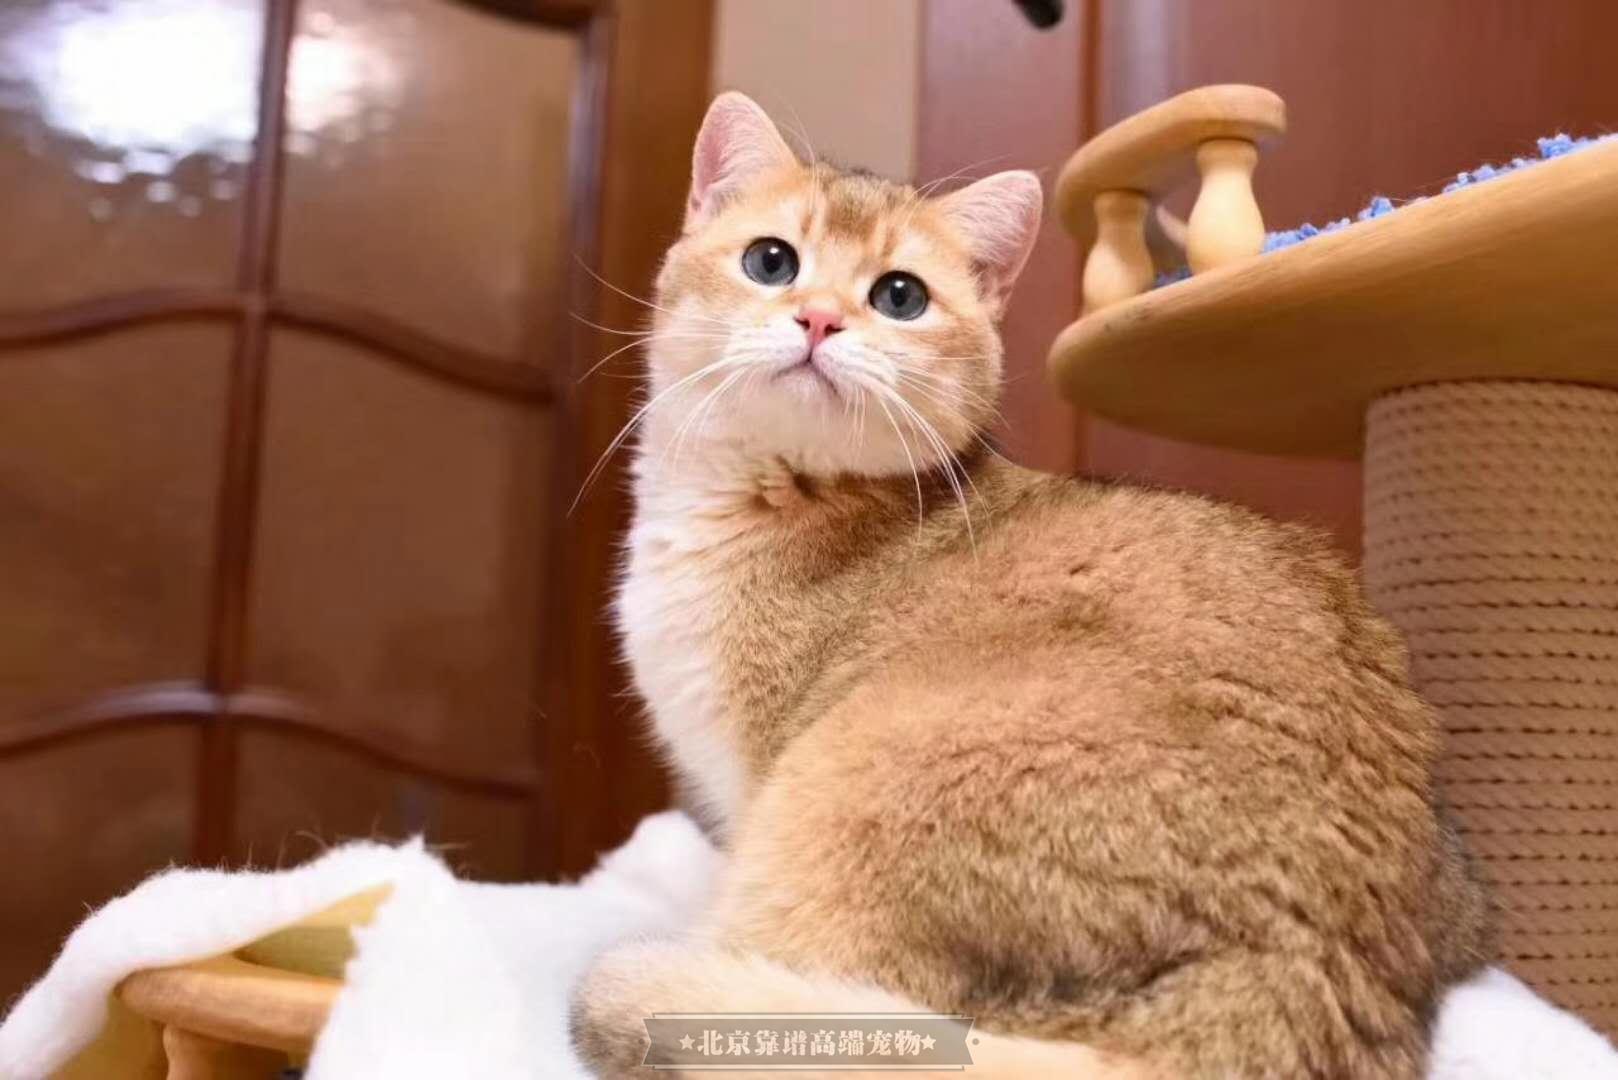 现货精品宠物级猫咪正规猫舍繁育京津翼可送货上门